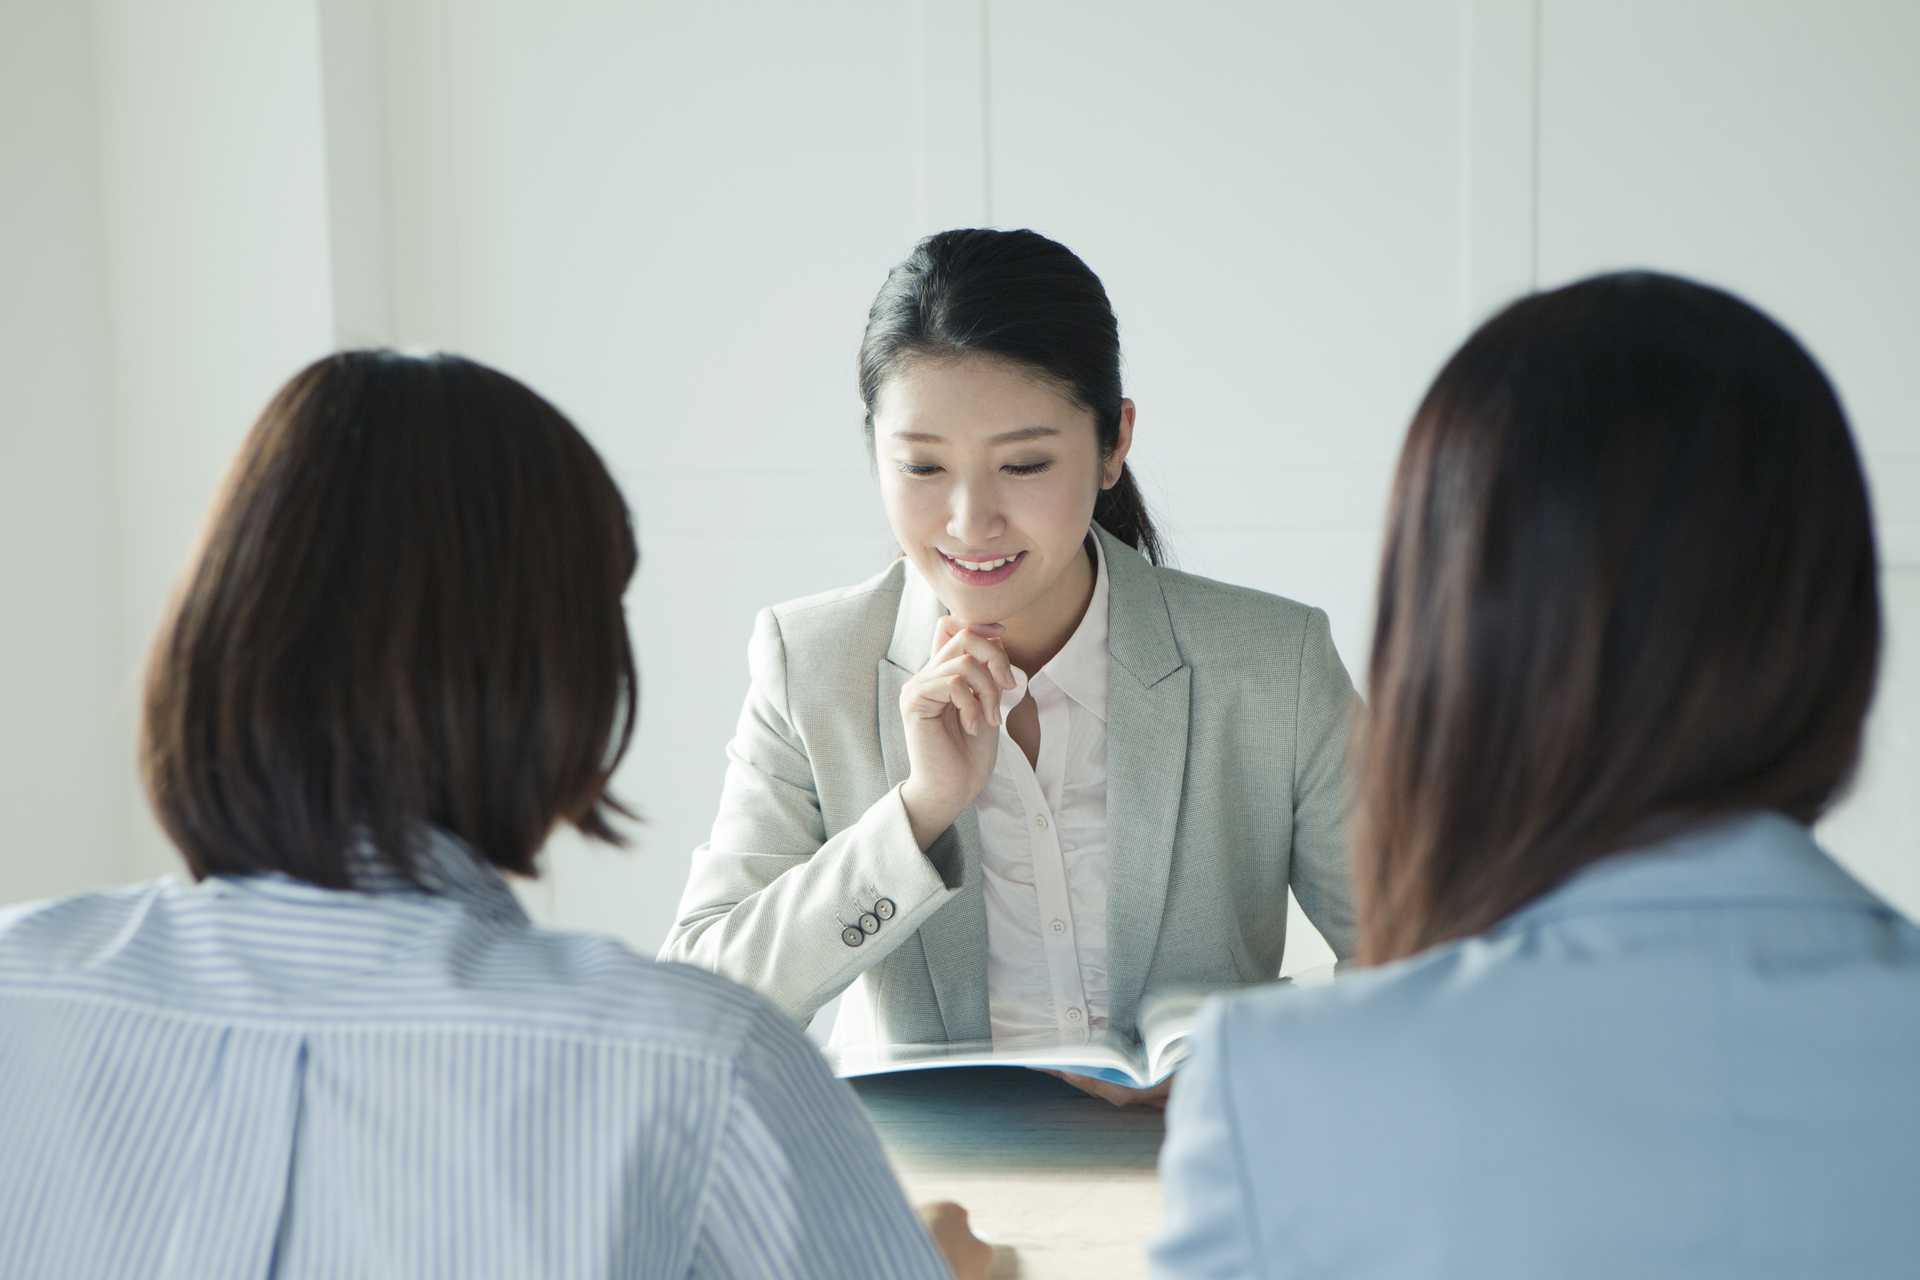 100パーセントを感じさせる言葉は使わない。 | のんびり気楽に生きる30の心の習慣